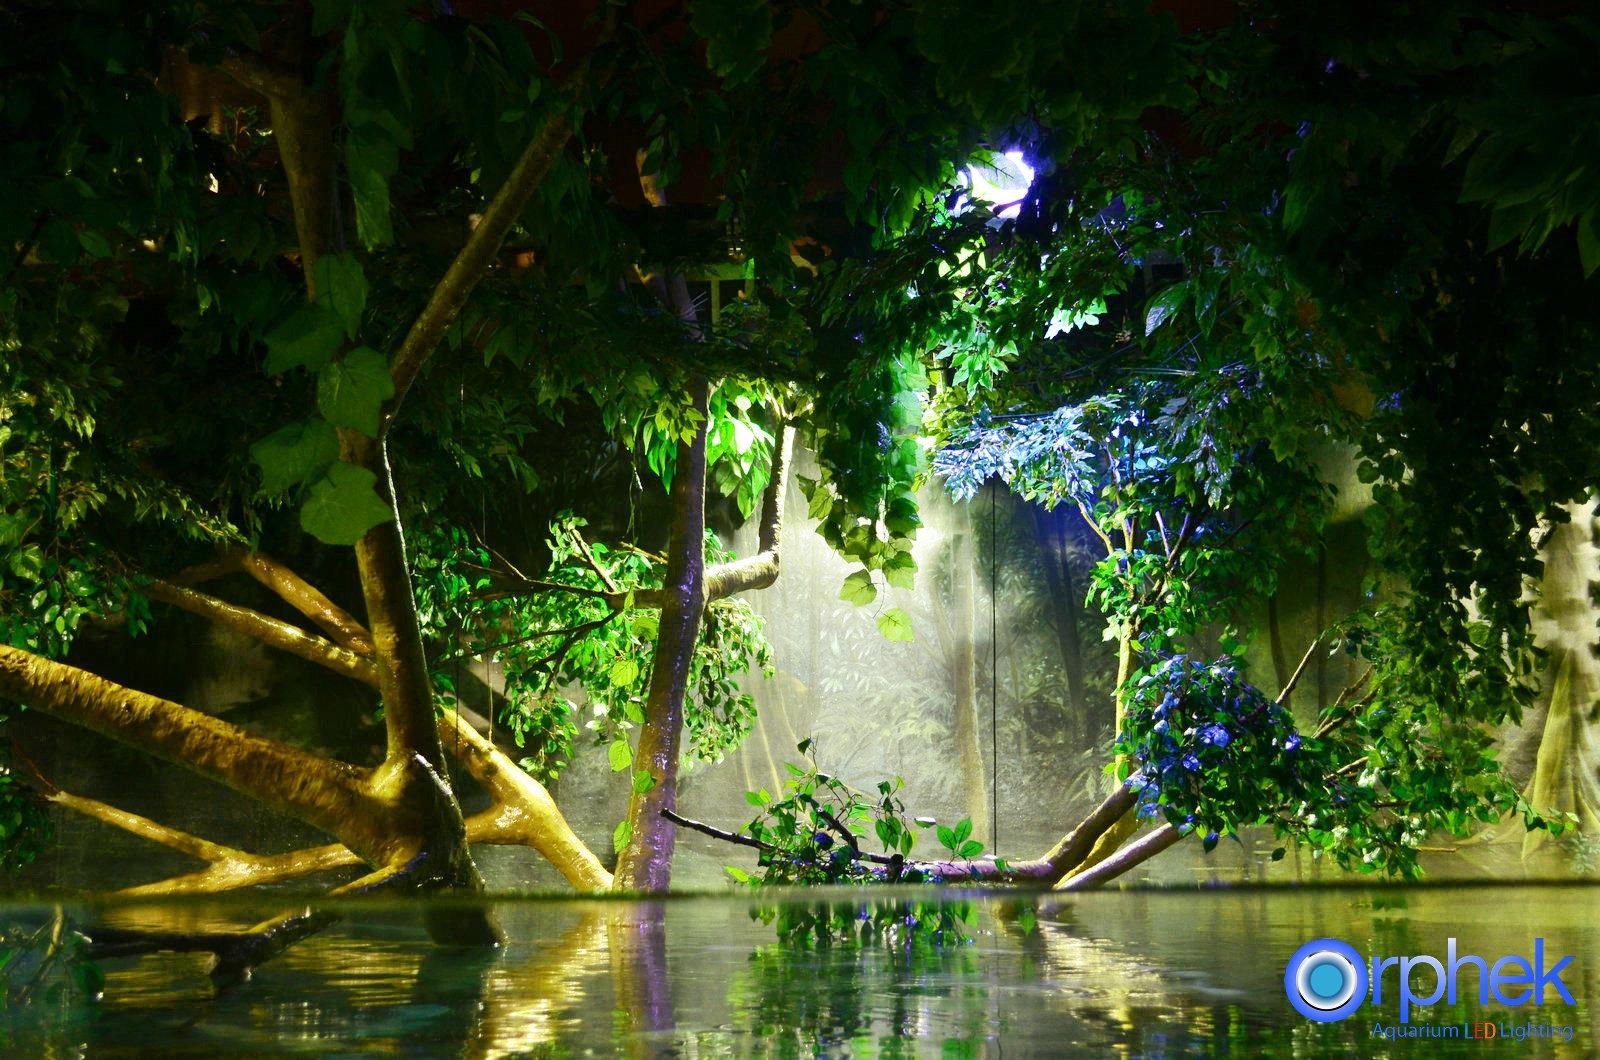 Regnskogs offentligt akvarium